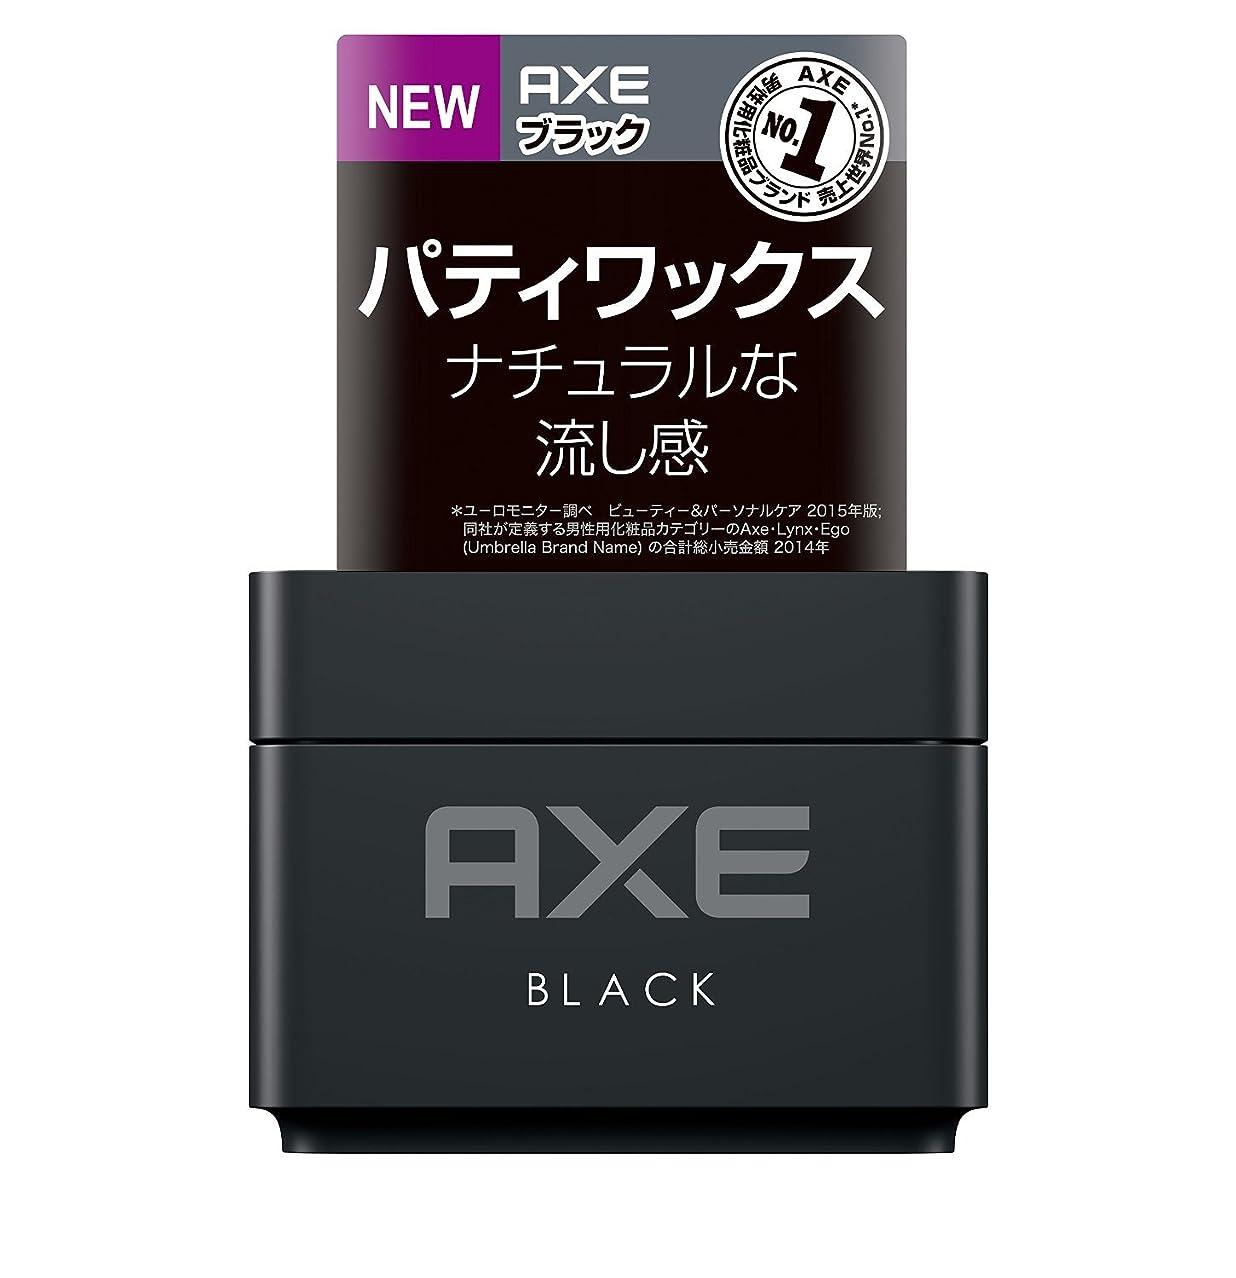 願うワイヤー立ち向かうアックス ブラック カジュアルコントロール パティワックス 65g ×2